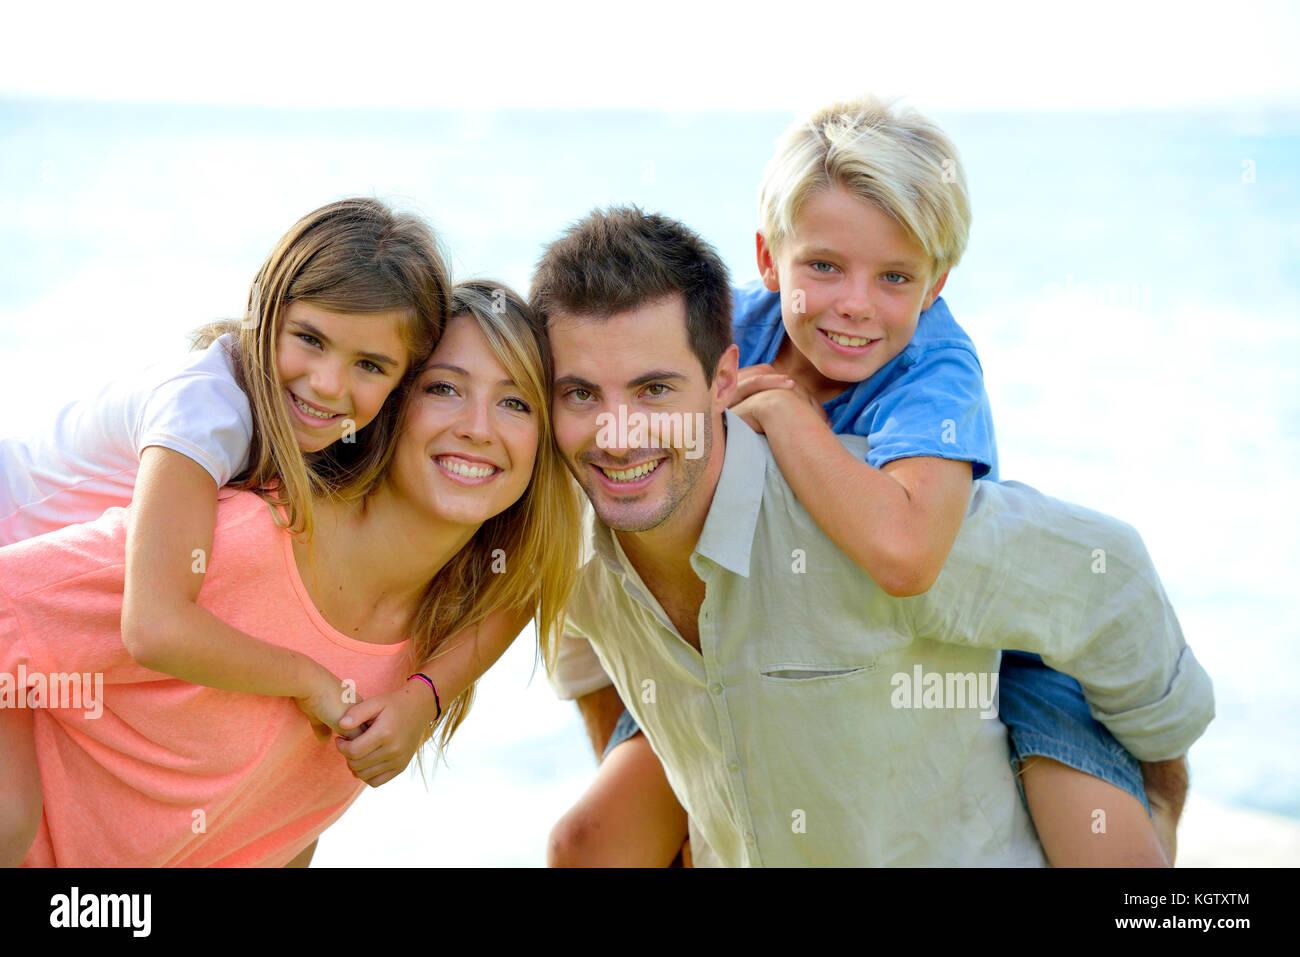 Allegro genitori tenendo i bambini sul loro retro Immagini Stock